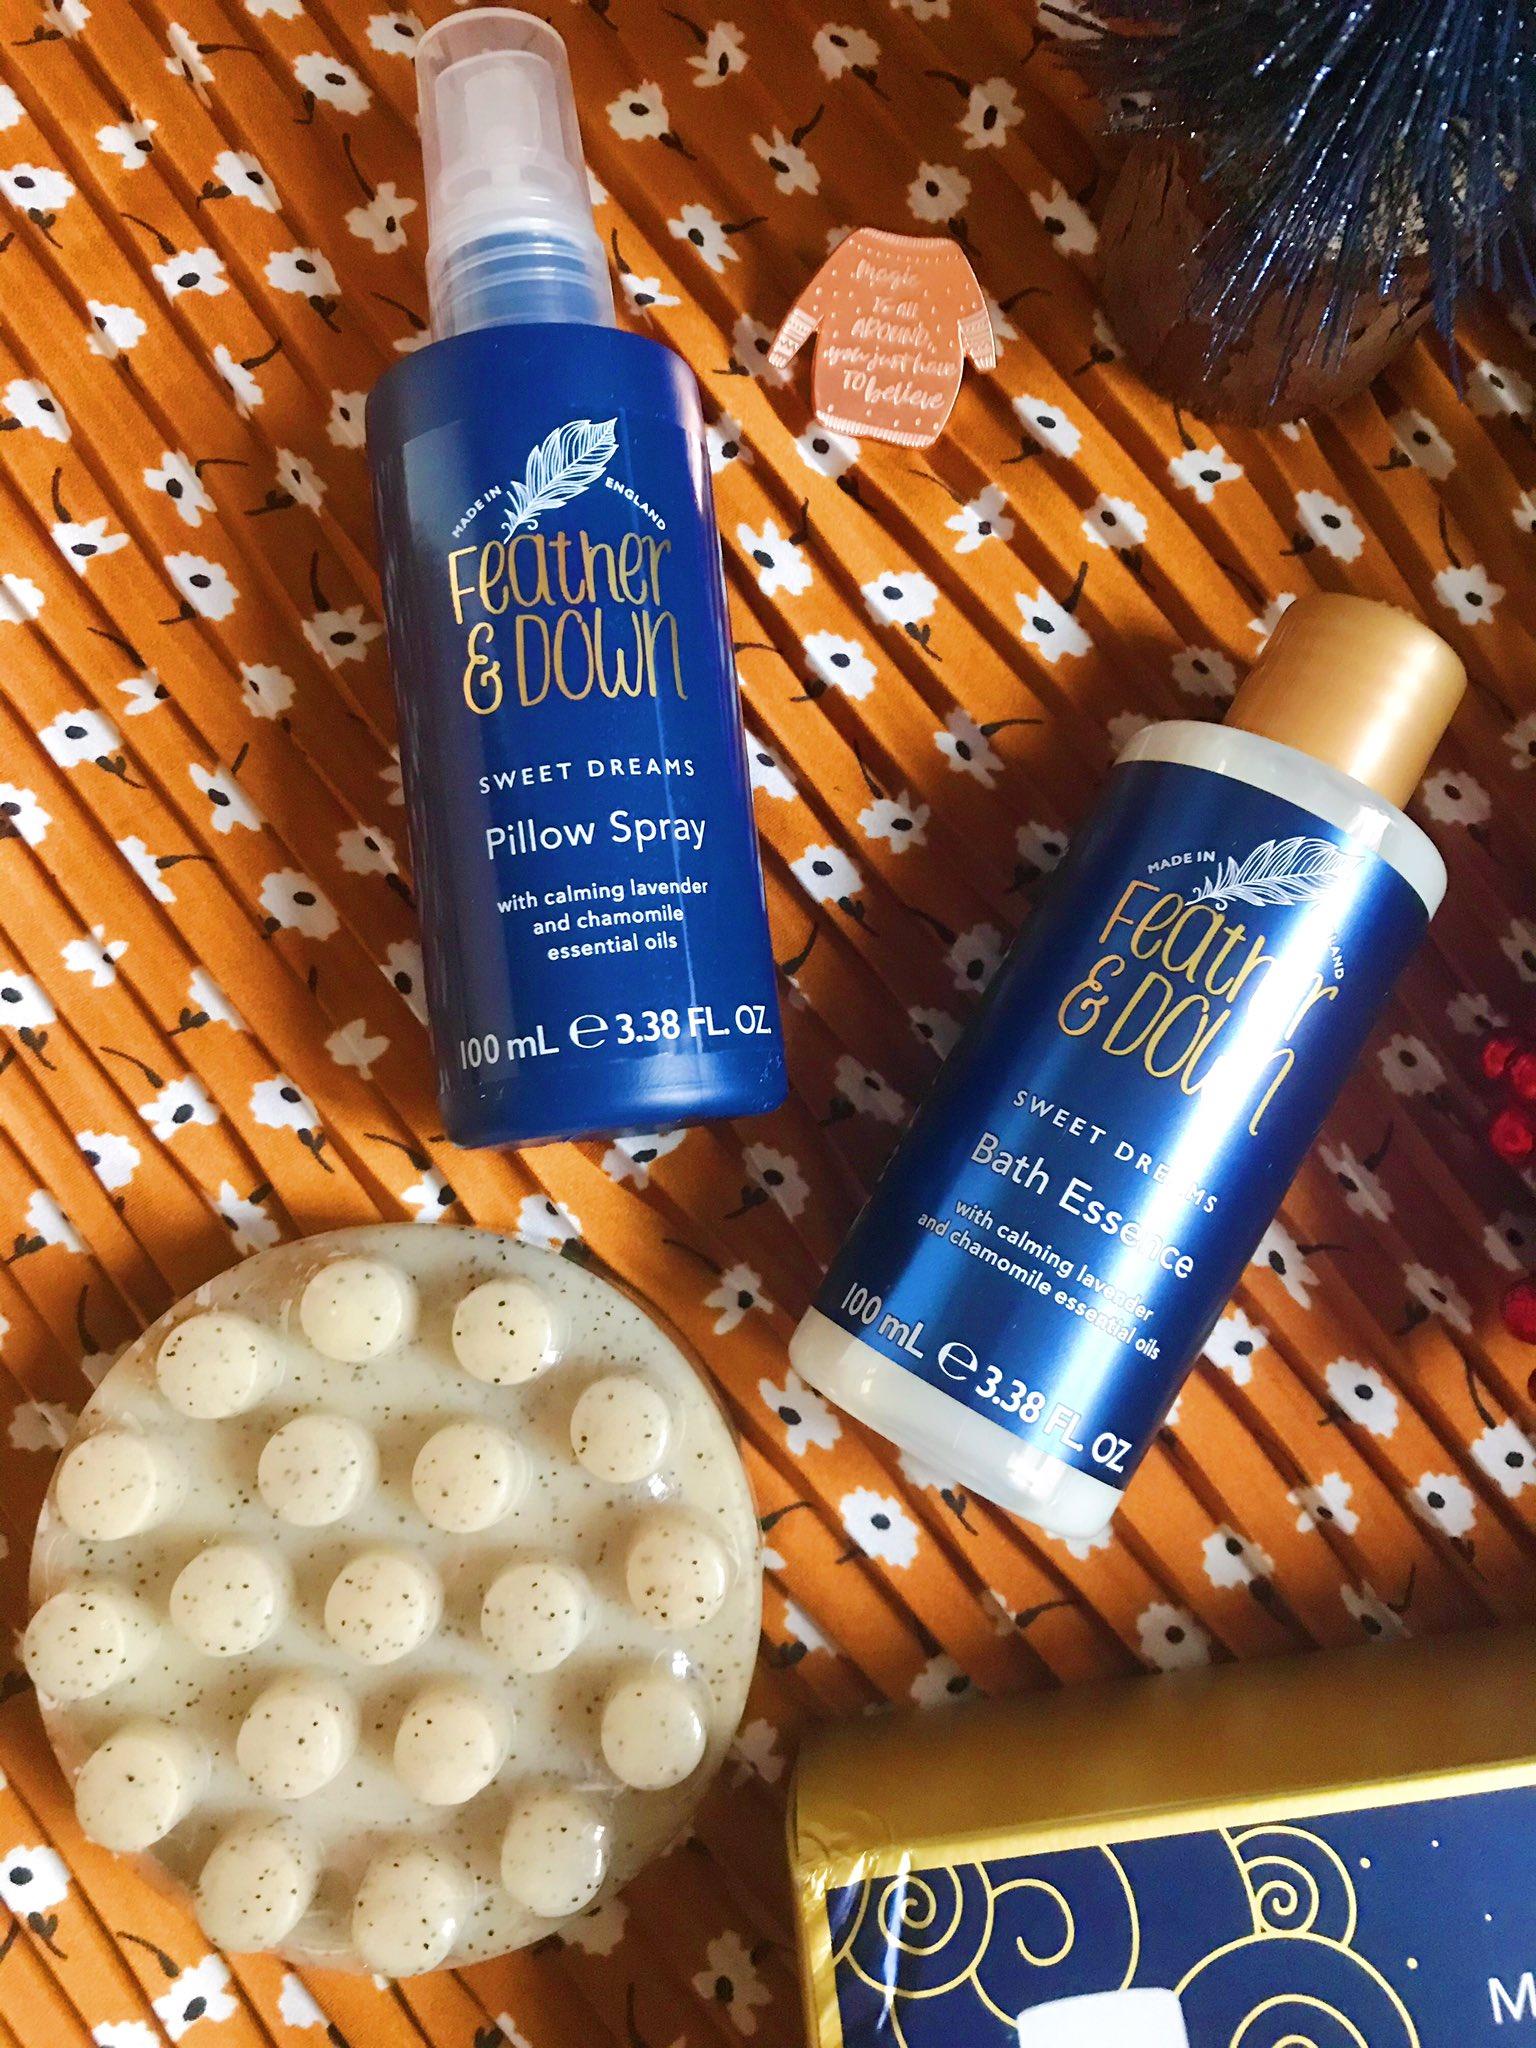 Feather & Down Massage to Sleep gift set on orange background - bath essence, pillow spray, massage bar